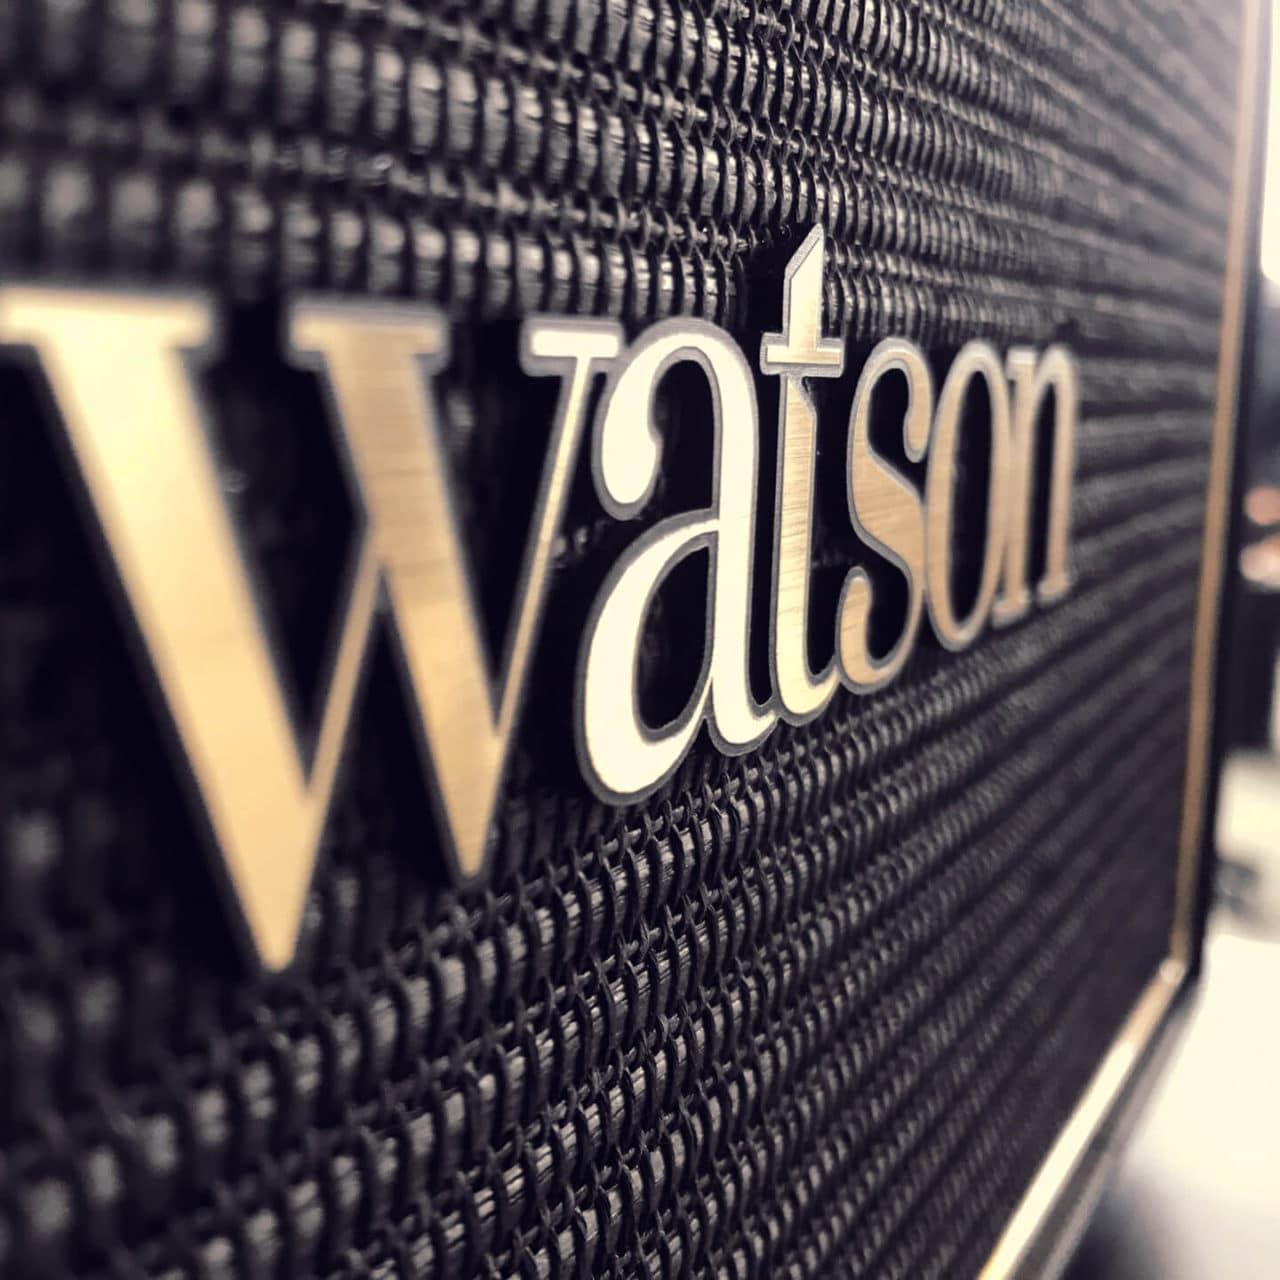 Watson speaker